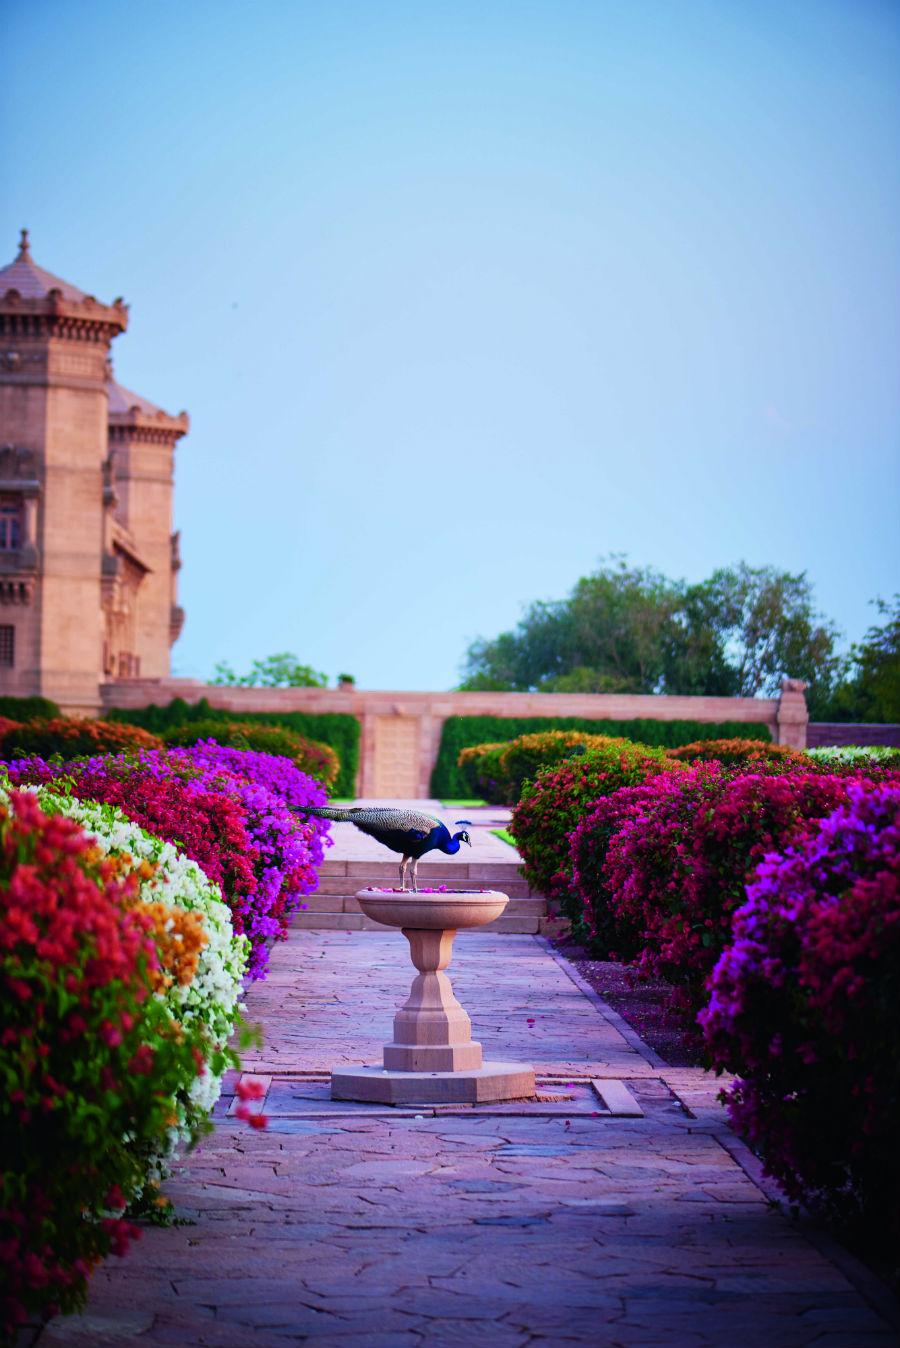 Uno splendido esemplare di pavone, dalle cui piume prende ispirazione Boucheron per la collezione Plume de Paon, all'interno dei giardini dell'Umaid Bhawan Palace